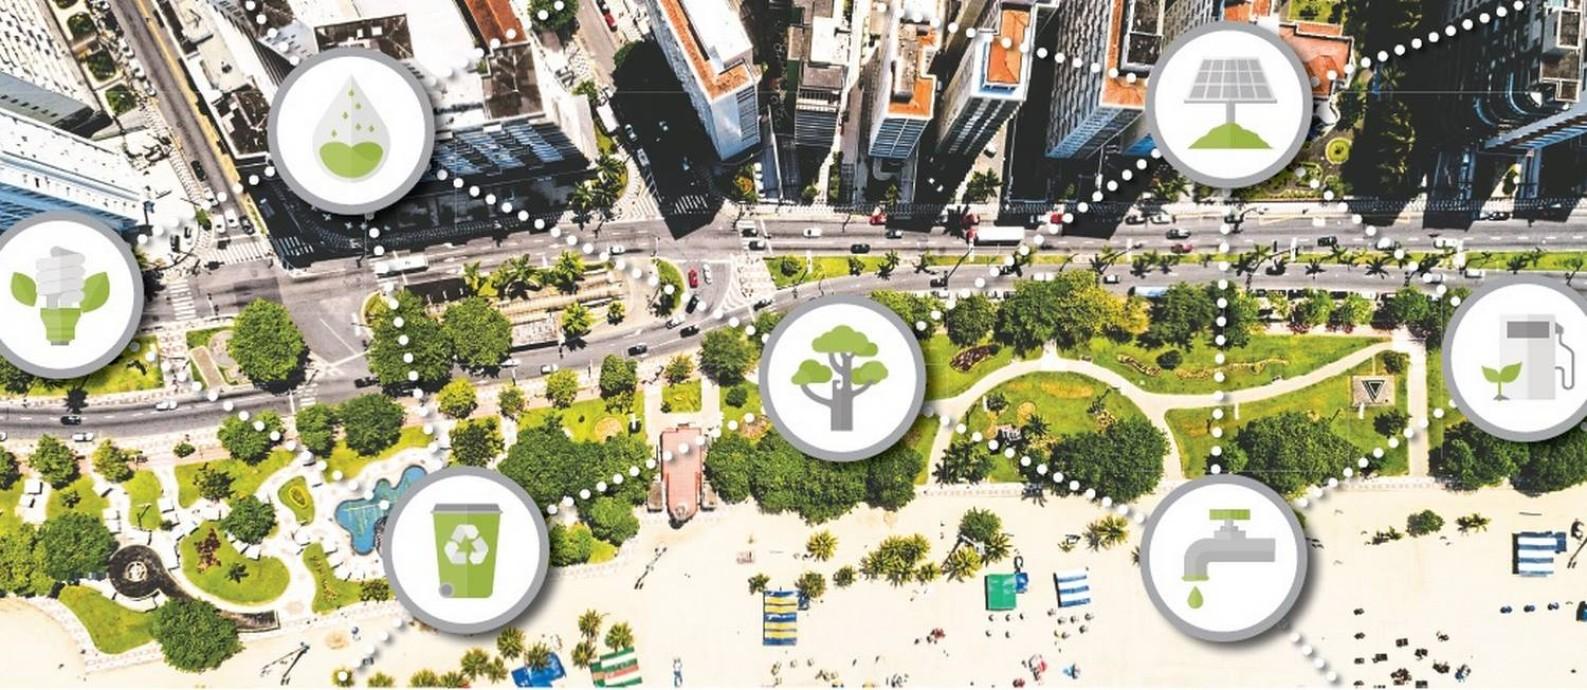 Cidades estão submetidas à pressão da migração, com demandas cada vez mais urgentes por infraestrutura, serviços, emprego e recursos naturais Foto: Getty Images